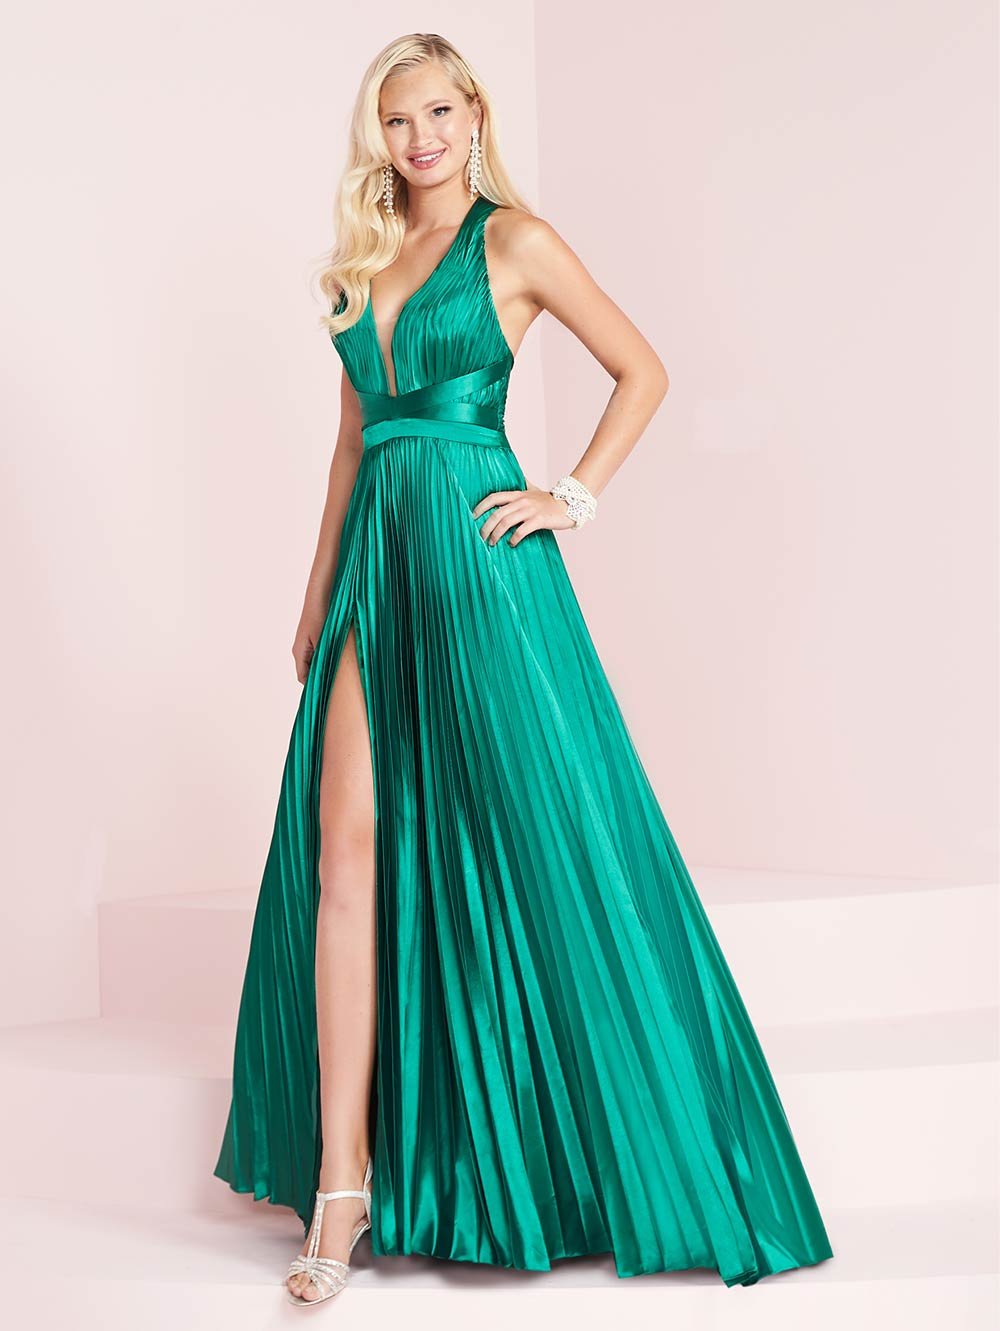 prom-dresses-jacquelin-bridals-canada-27573